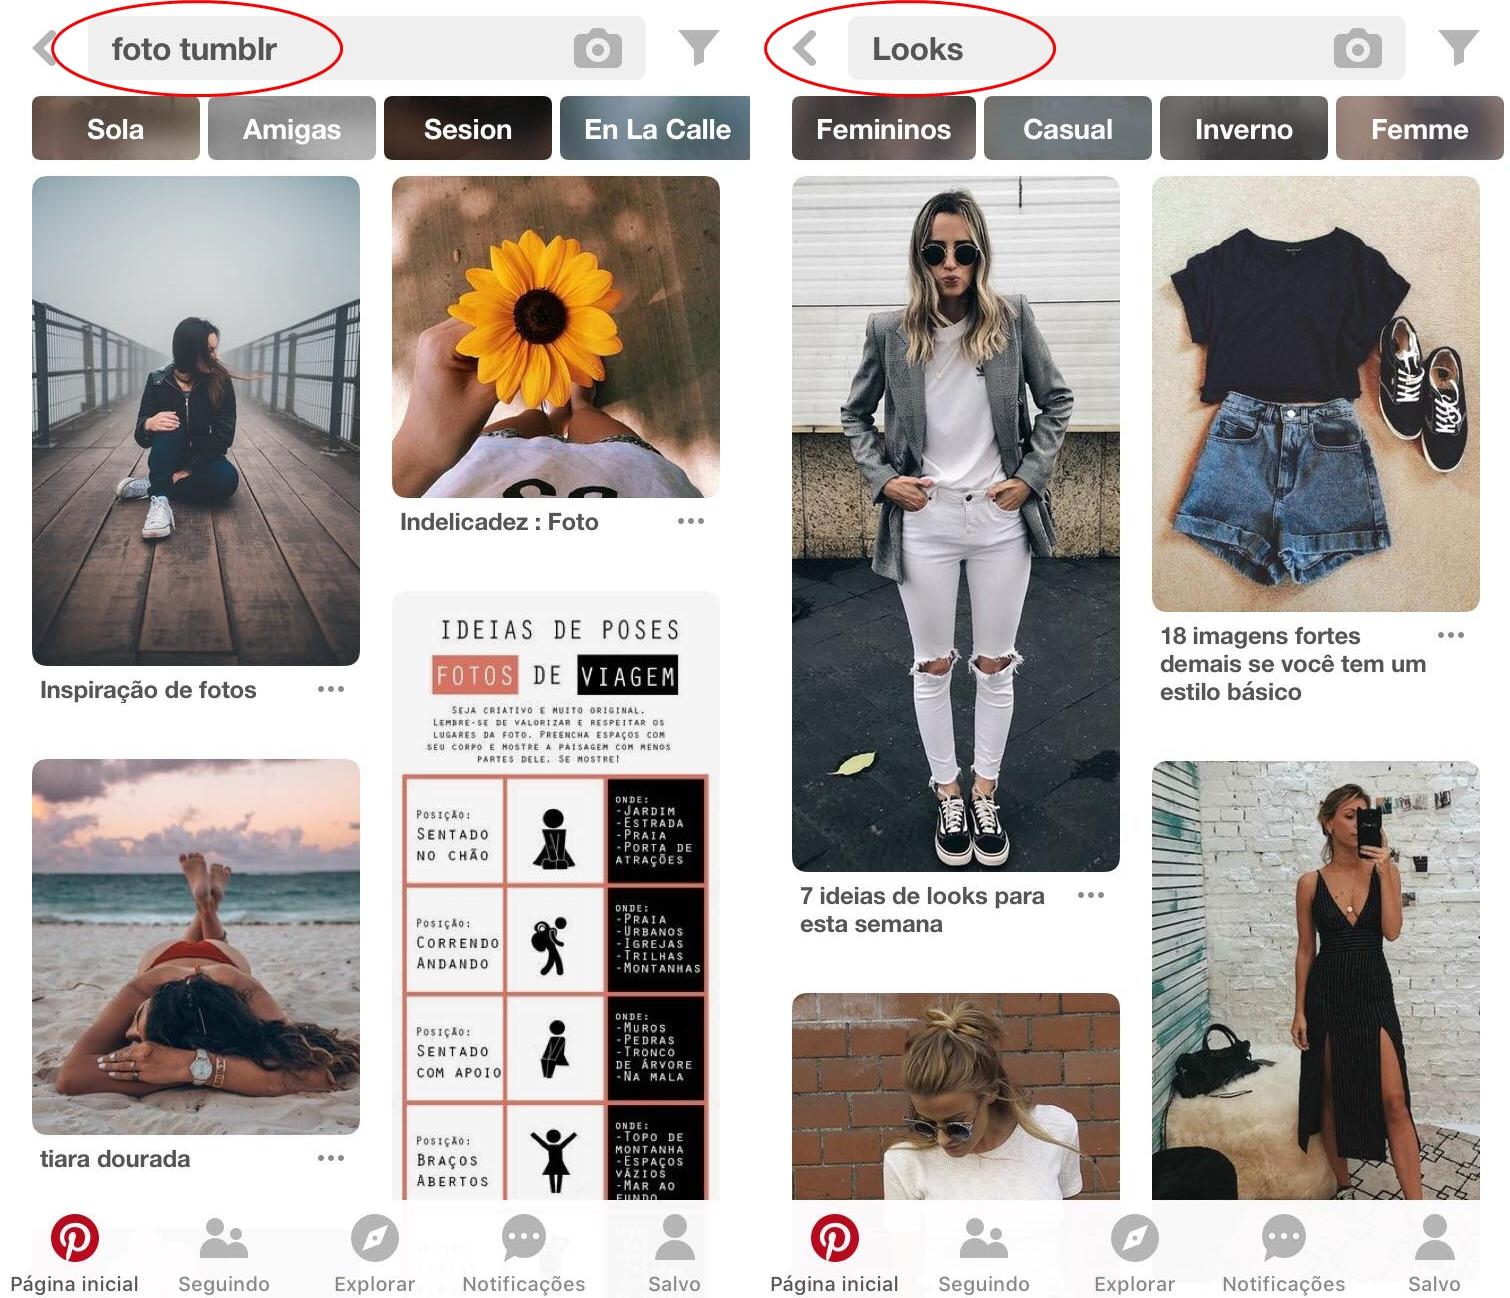 Pinterest - 4 Apps de Fotografia e Edição que Você precisa Testar